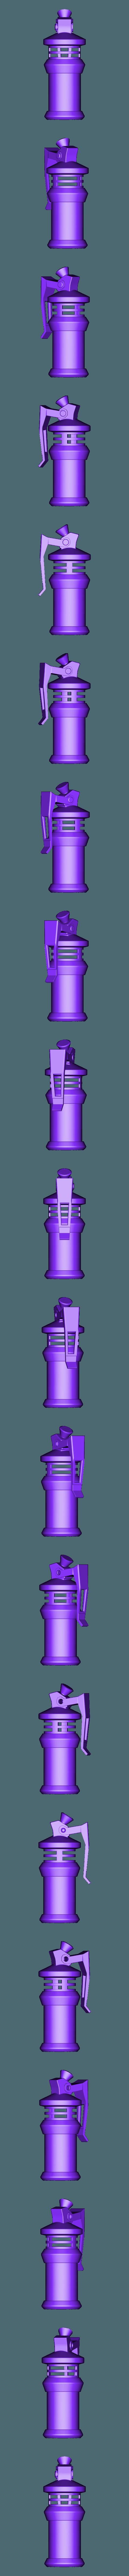 FULL.stl Télécharger fichier STL gratuit FanArt d'une Grenade Gaz • Design à imprimer en 3D, cedland